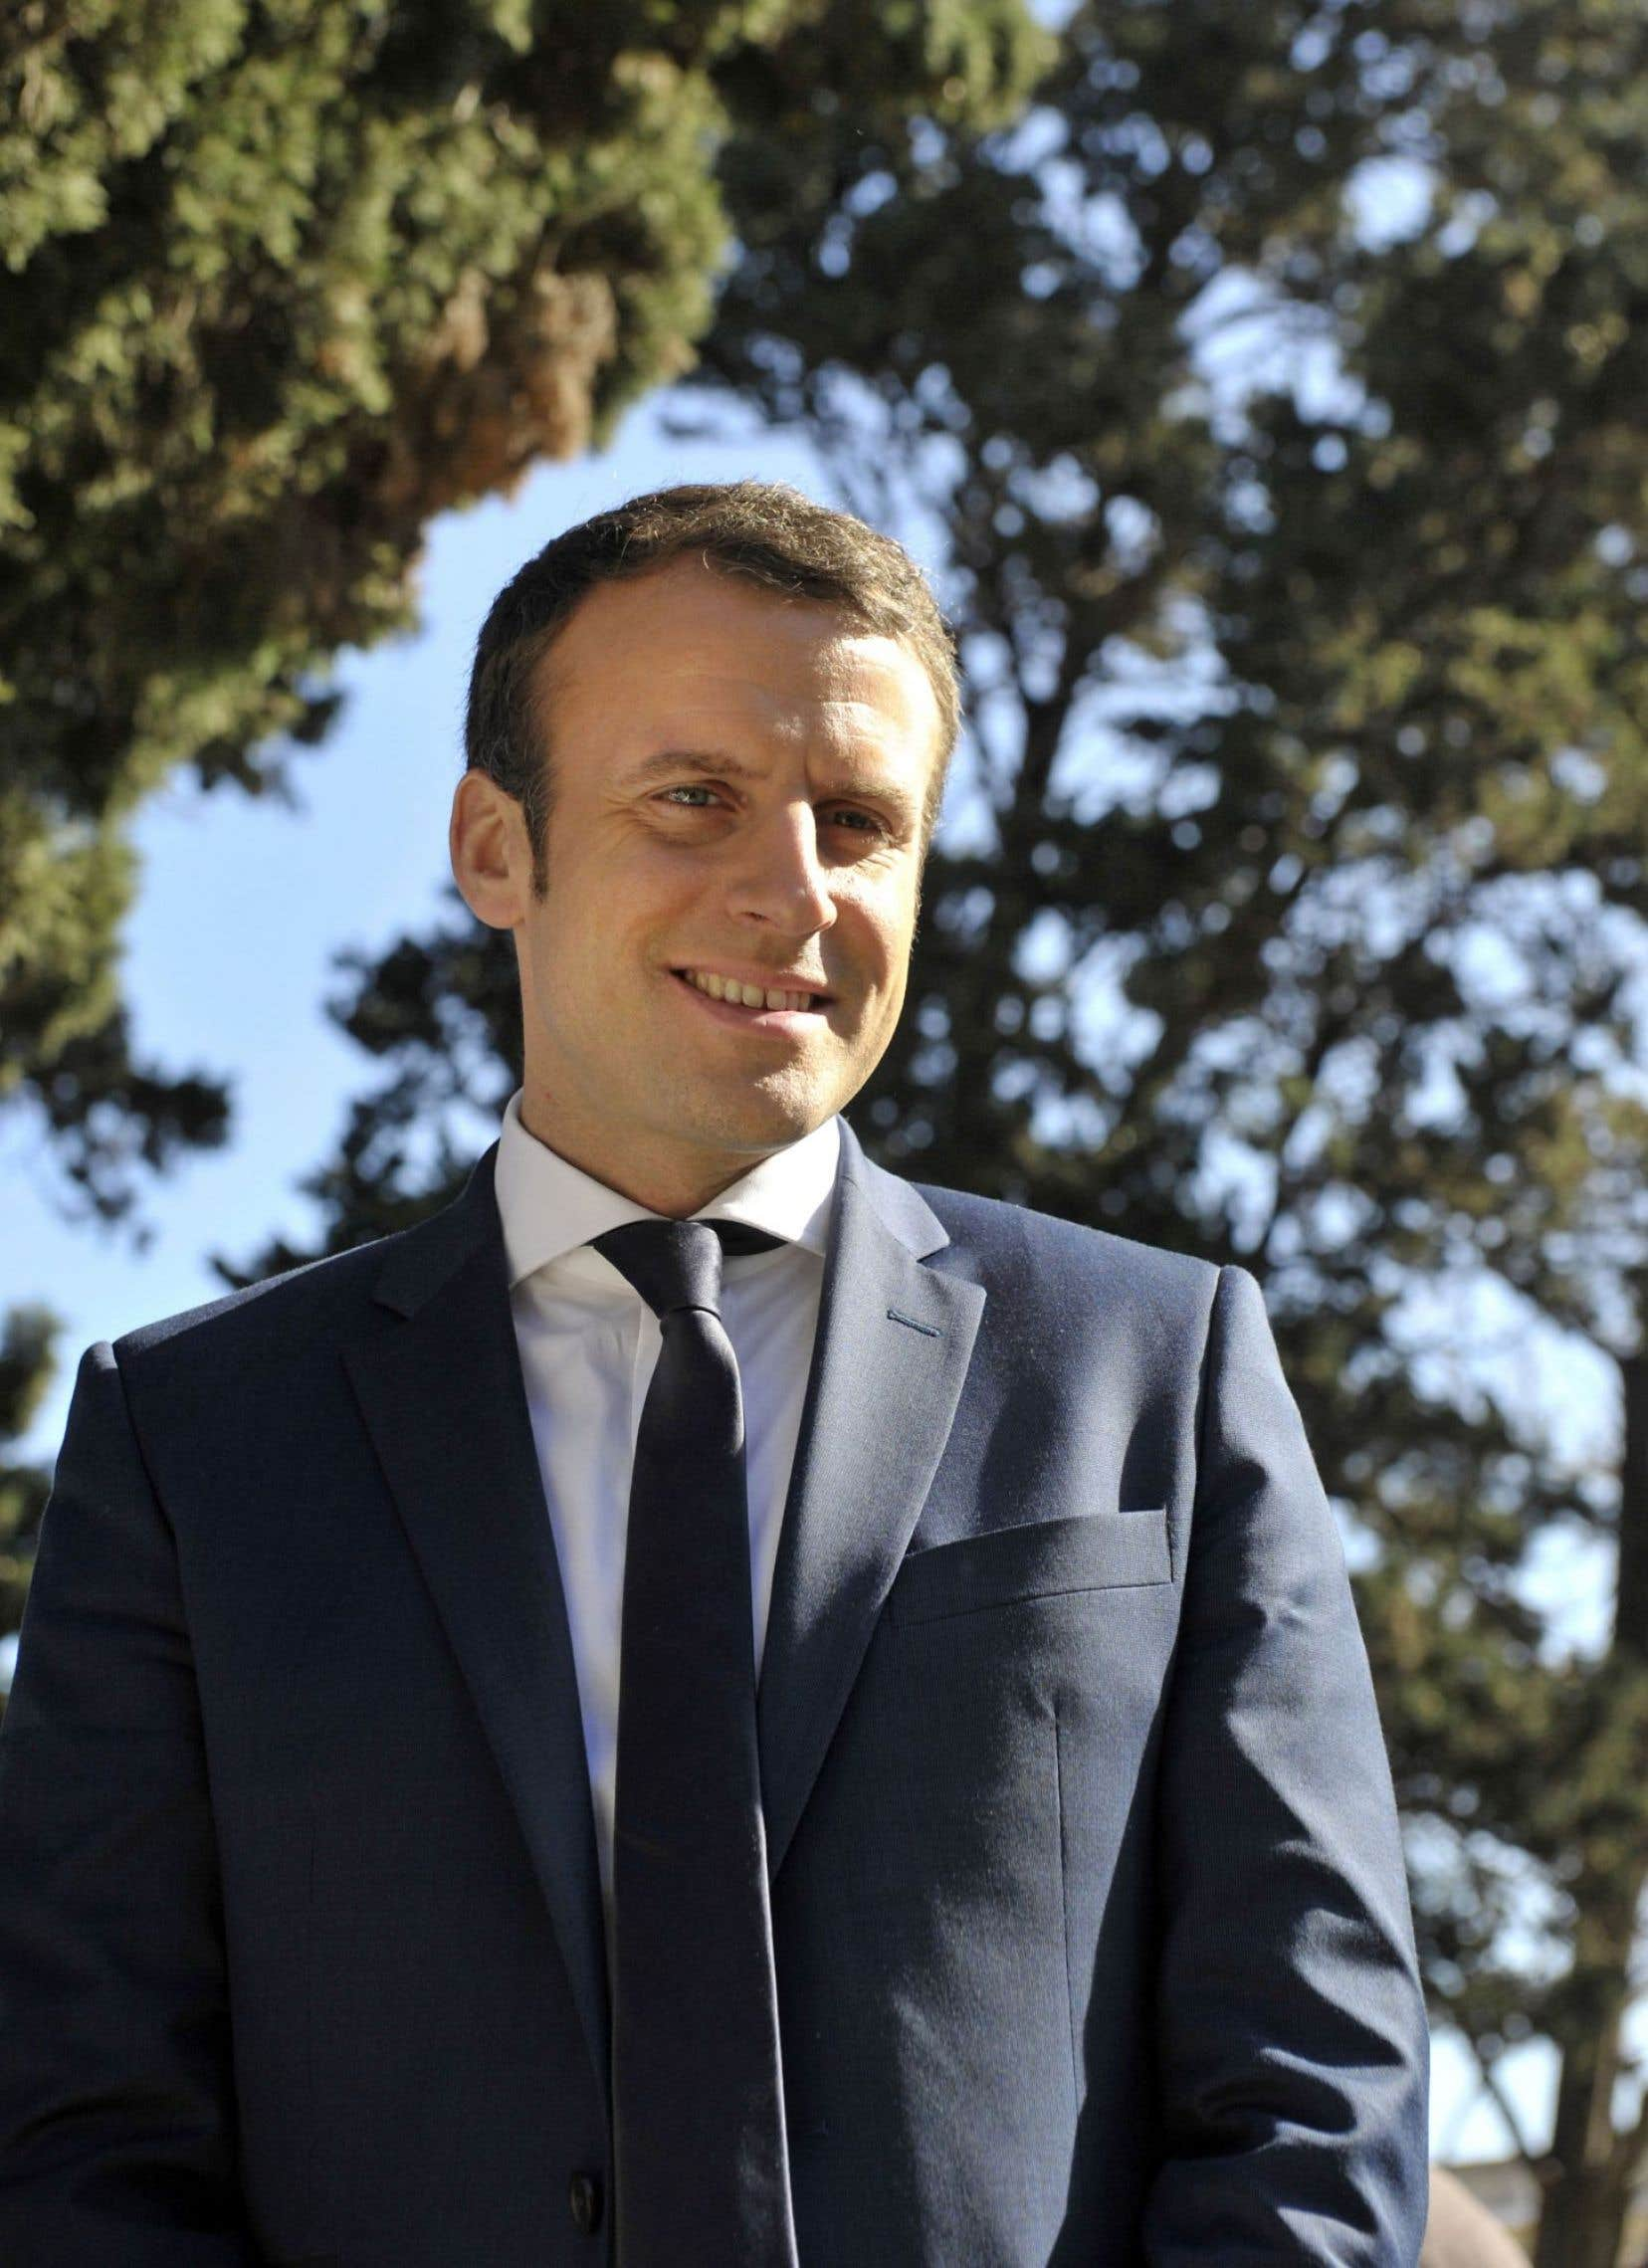 Alors qu'il visitait l'Algérie cette semaine, Emmanuel Macron a qualifié la colonisation française de «crime contre l'humanité», ce qui a soulevé un tollé dans toute la France.